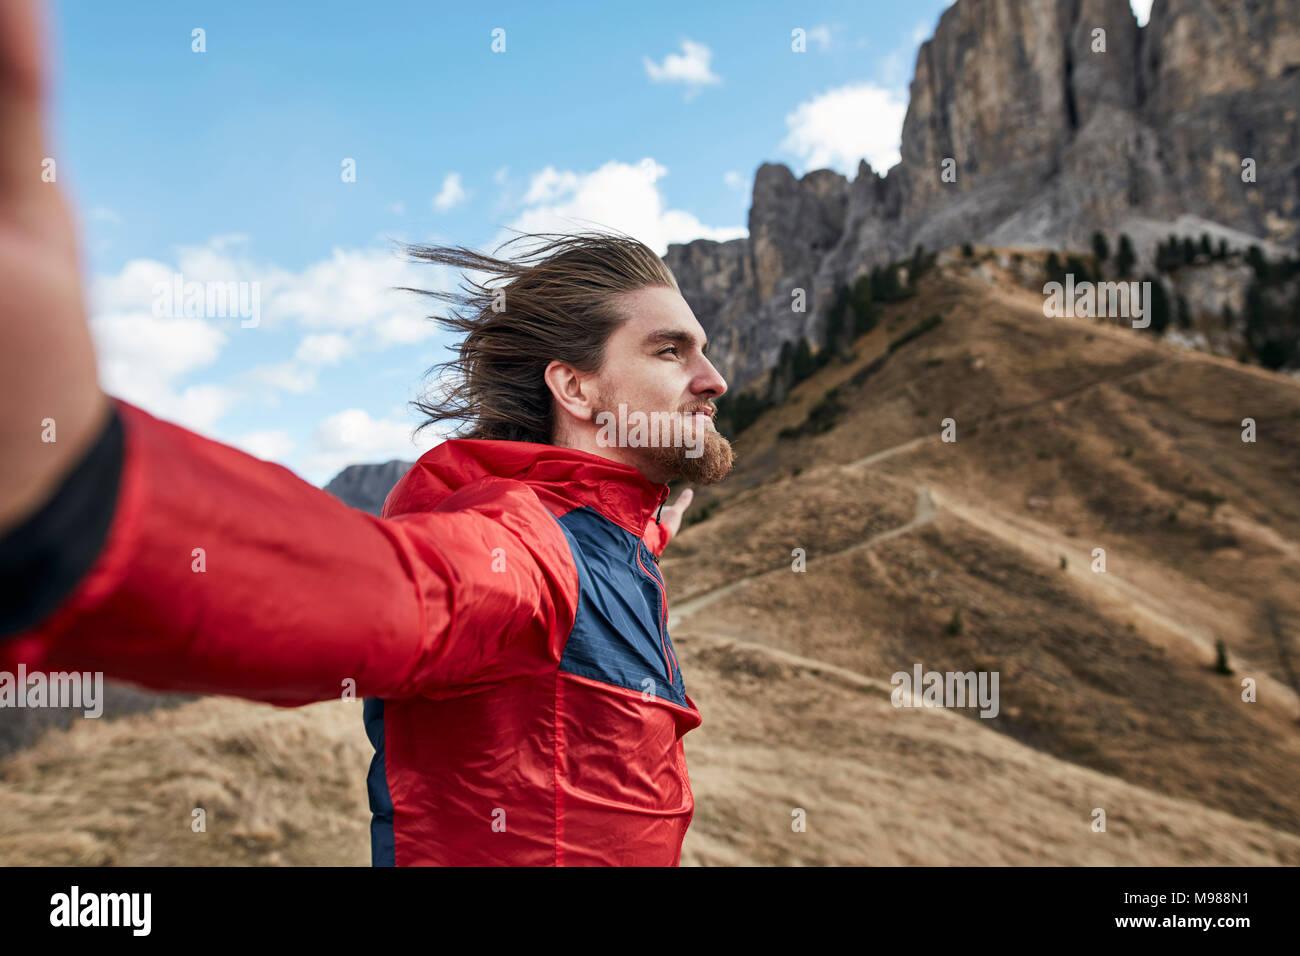 Jeune homme appuyé contre le vent dans les montagnes Photo Stock